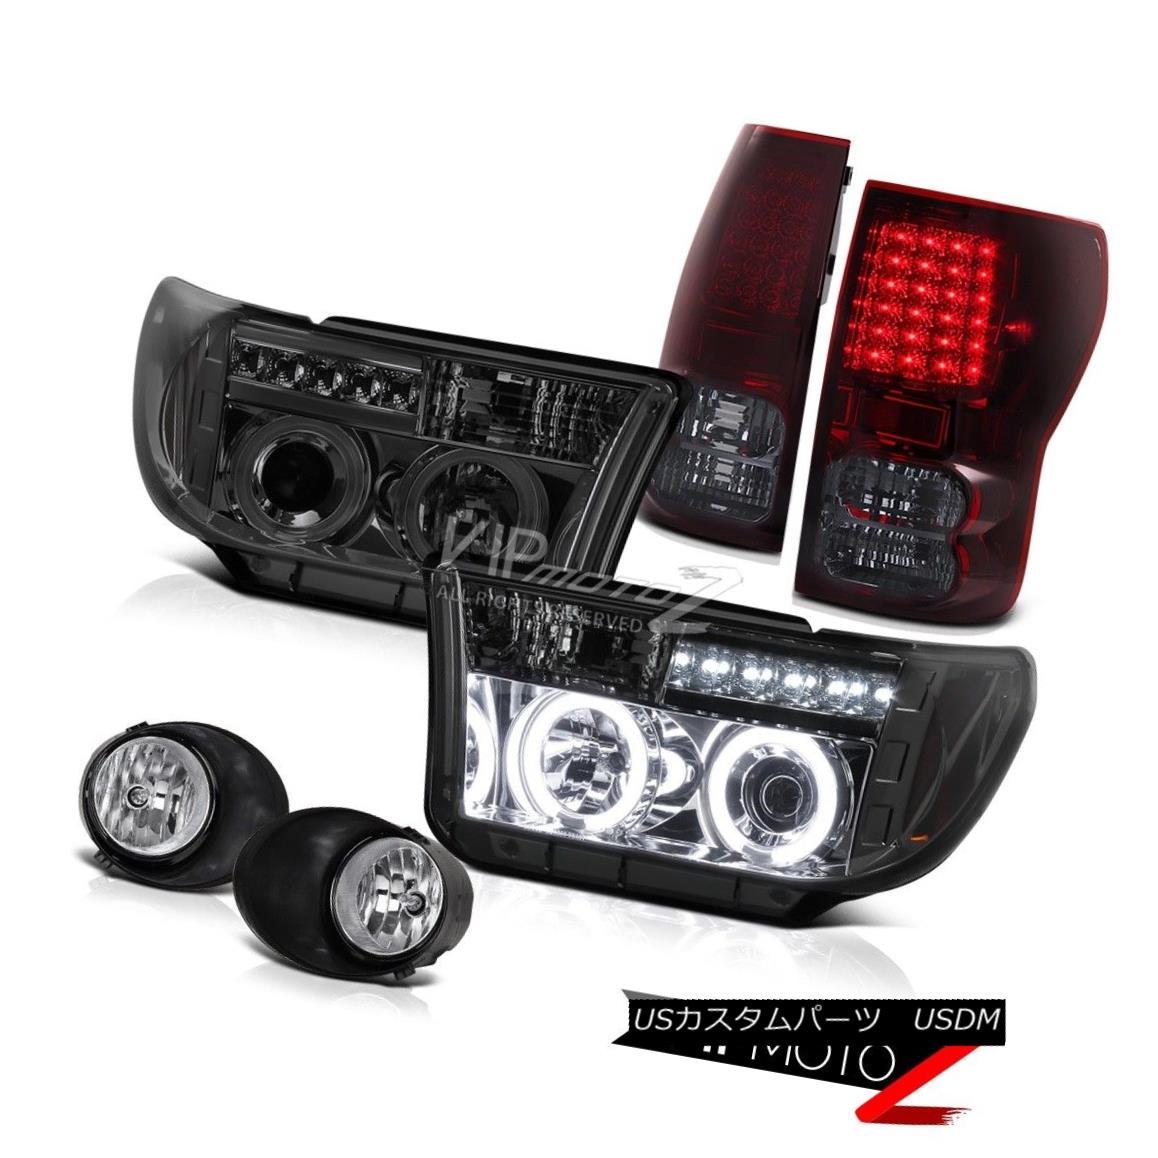 テールライト L+R Smoke CCFL Projector Headlight+Led Tail Light+Clear Fog Lamp 07-13 Tundra L + R煙CCFLプロジェクターヘッドライト+ Ledテールライト+クリアフォグランプ07-13 Tundra